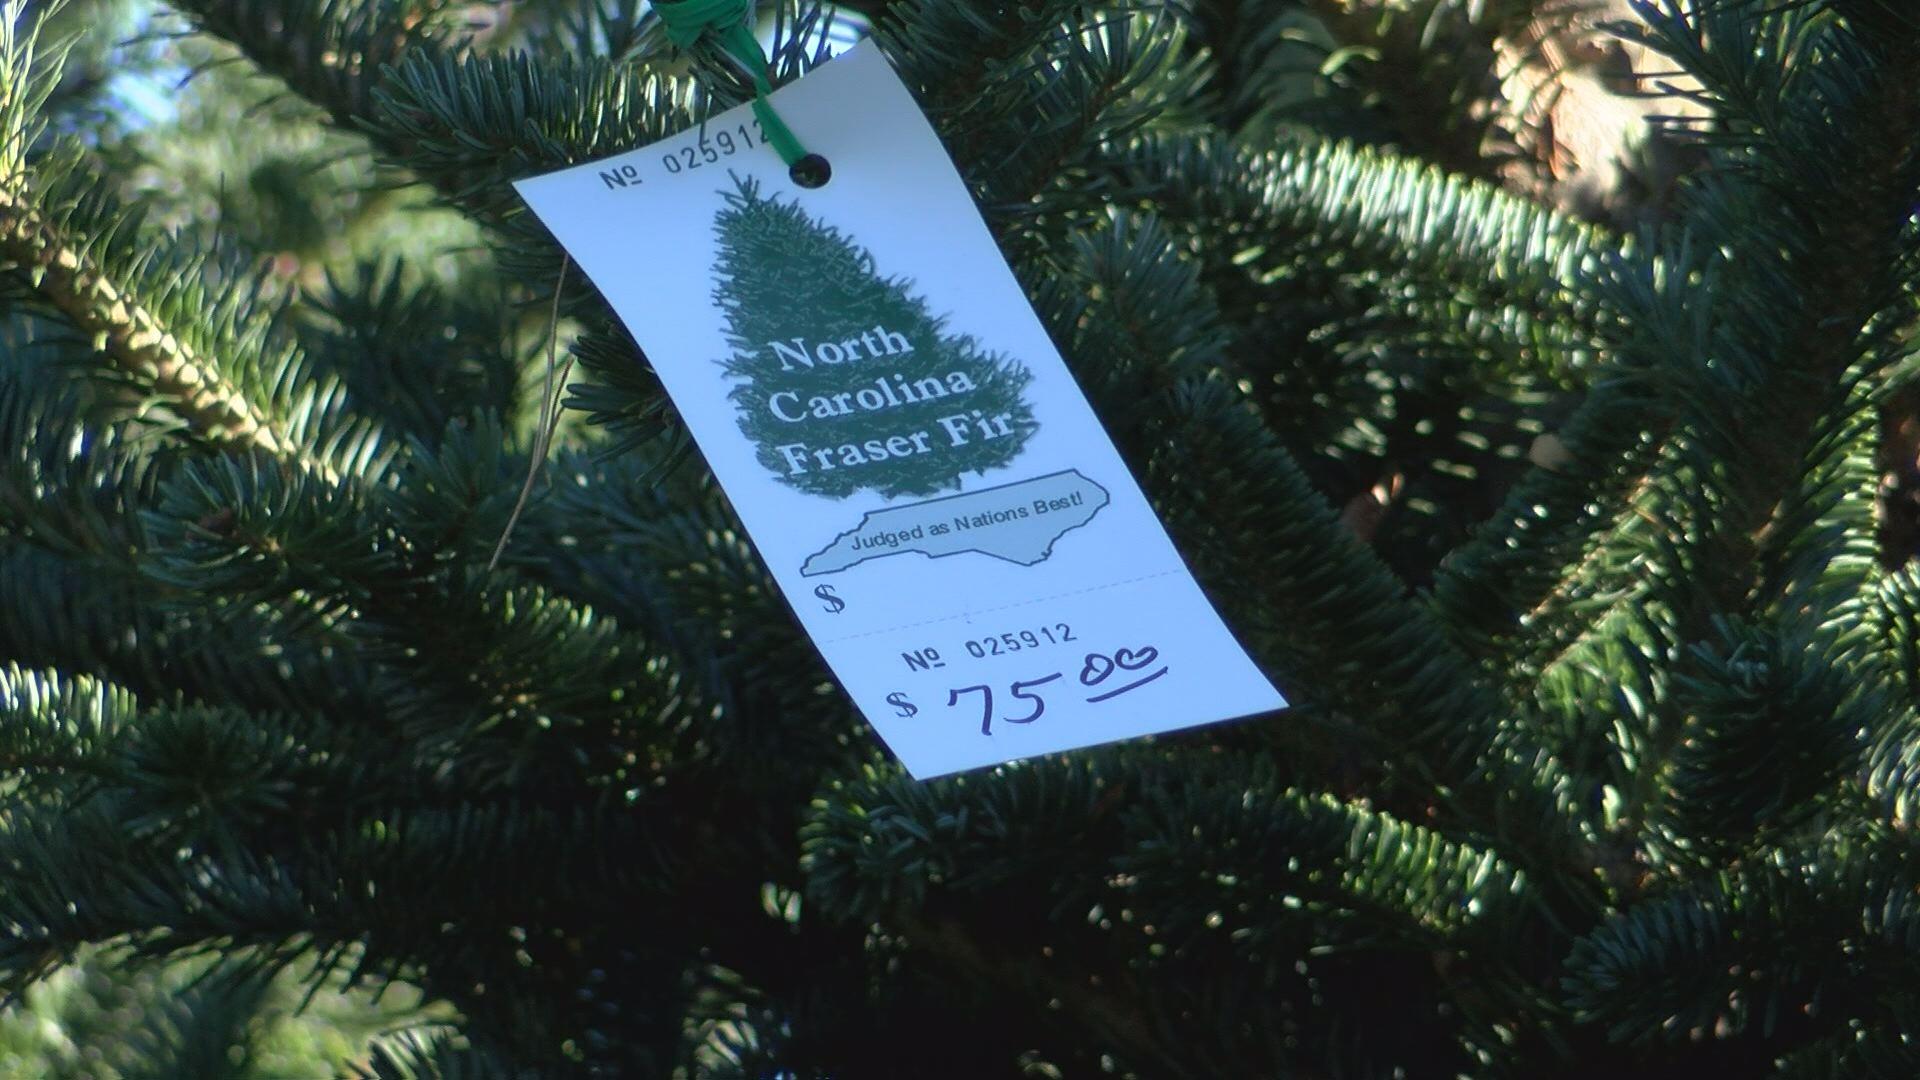 xmas tree price_512735